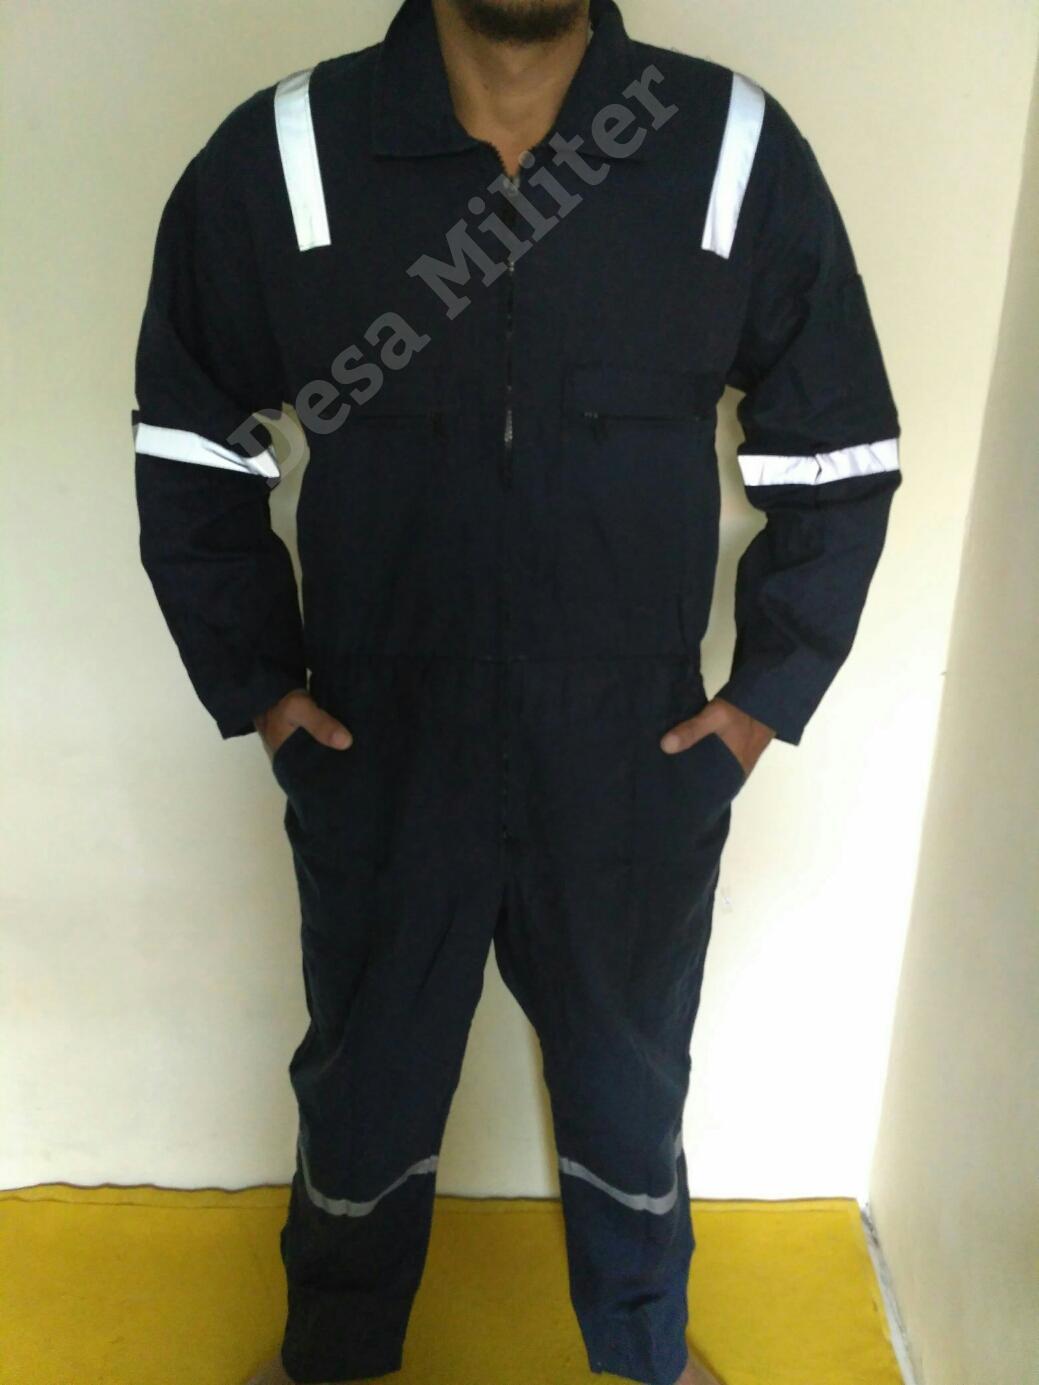 Wearpack Biru Dongker Scoutlight - Katelpak - Overall - Seragam Safety - Seragam Bengkel - Kemeja  Proyek